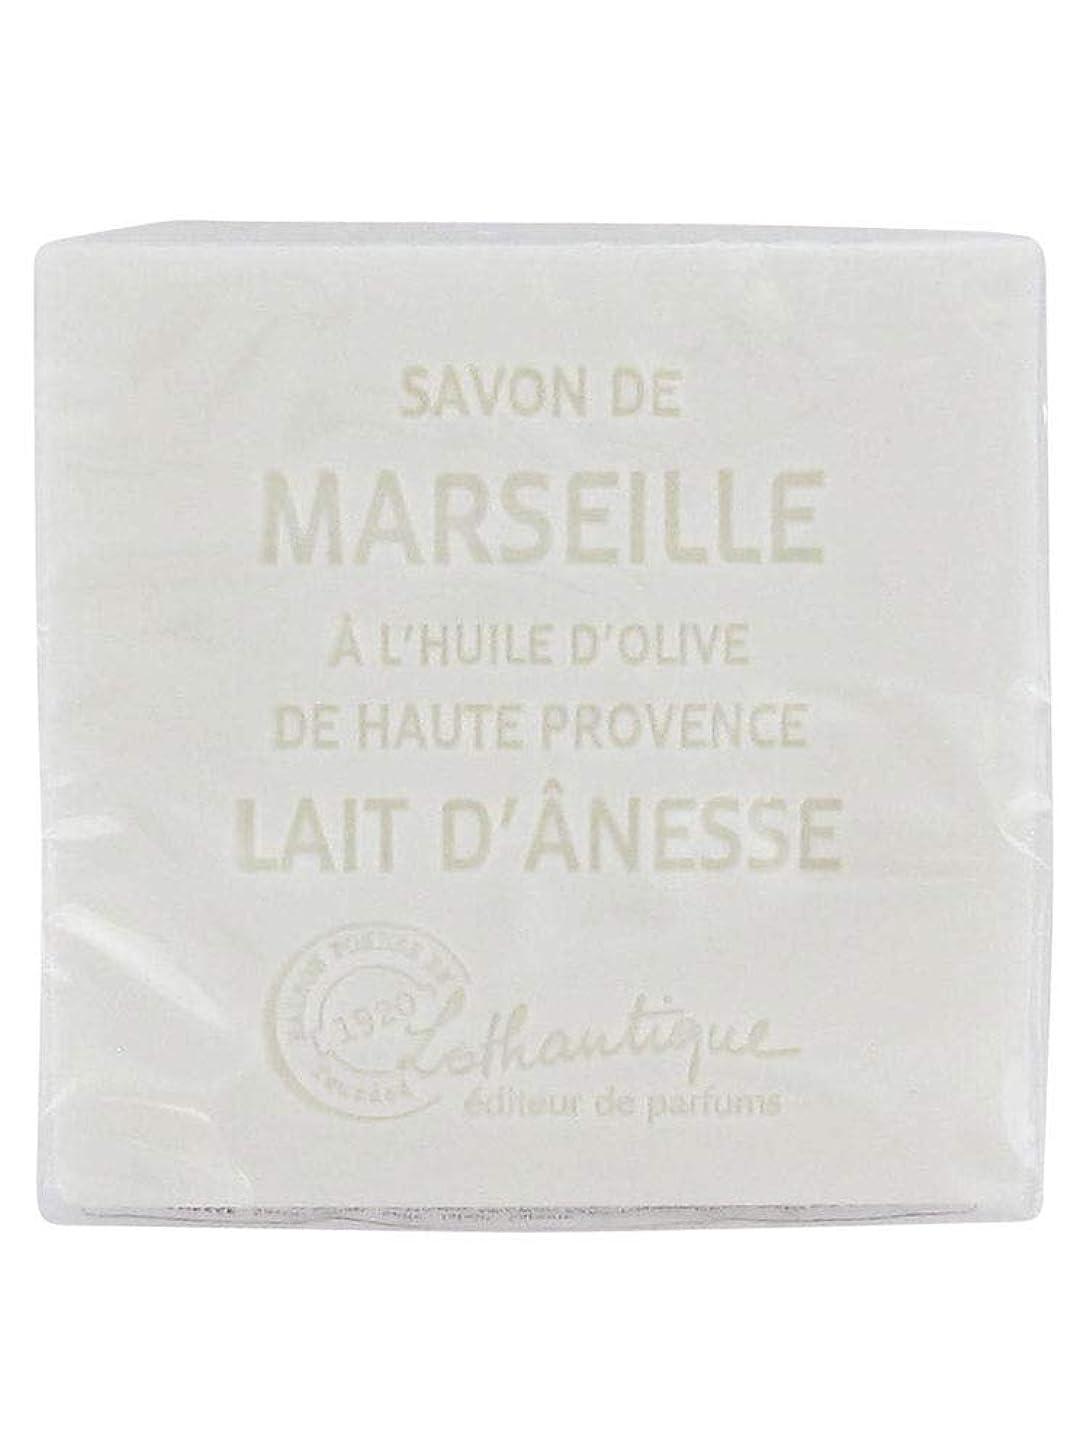 アルファベット順センチメートル悔い改めLothantique(ロタンティック) Les savons de Marseille(マルセイユソープ) マルセイユソープ 100g 「ミルク(ロバミルク)」 3420070038043